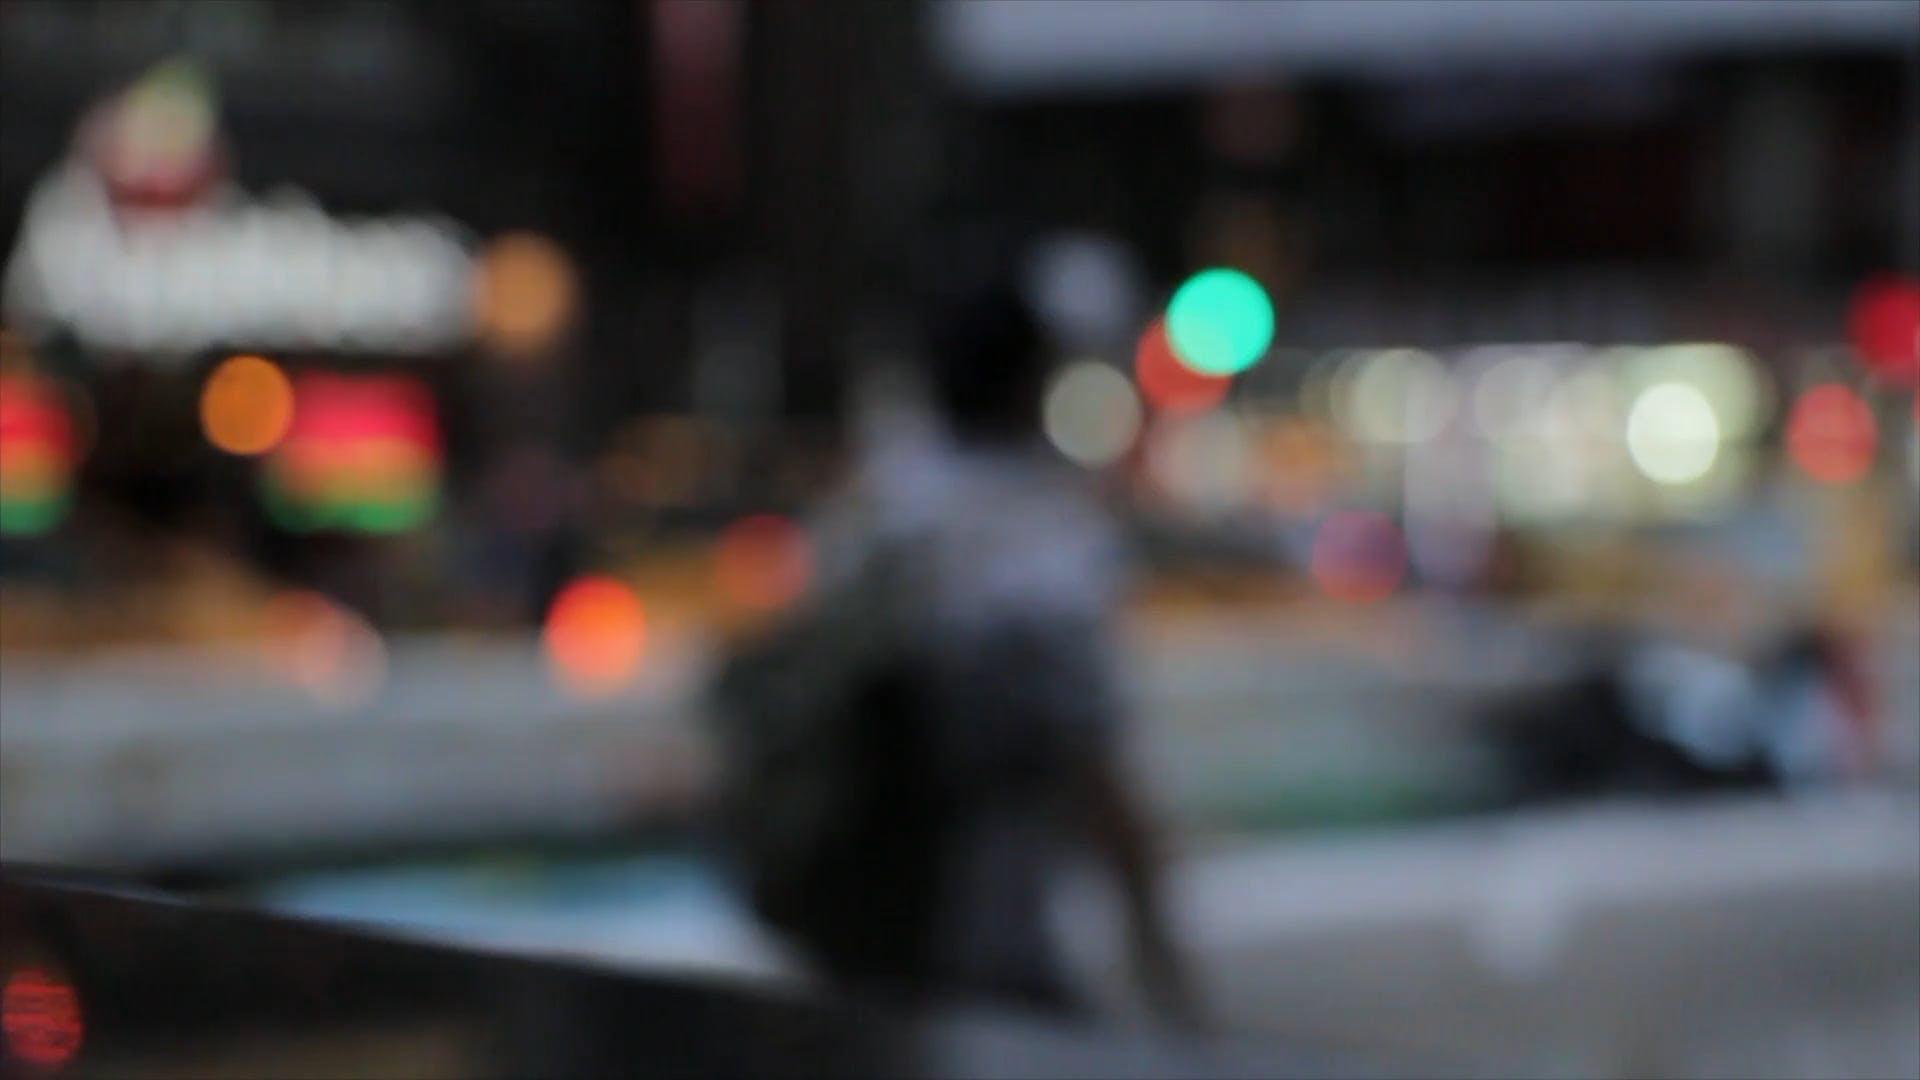 Blurry Video Of People Walking